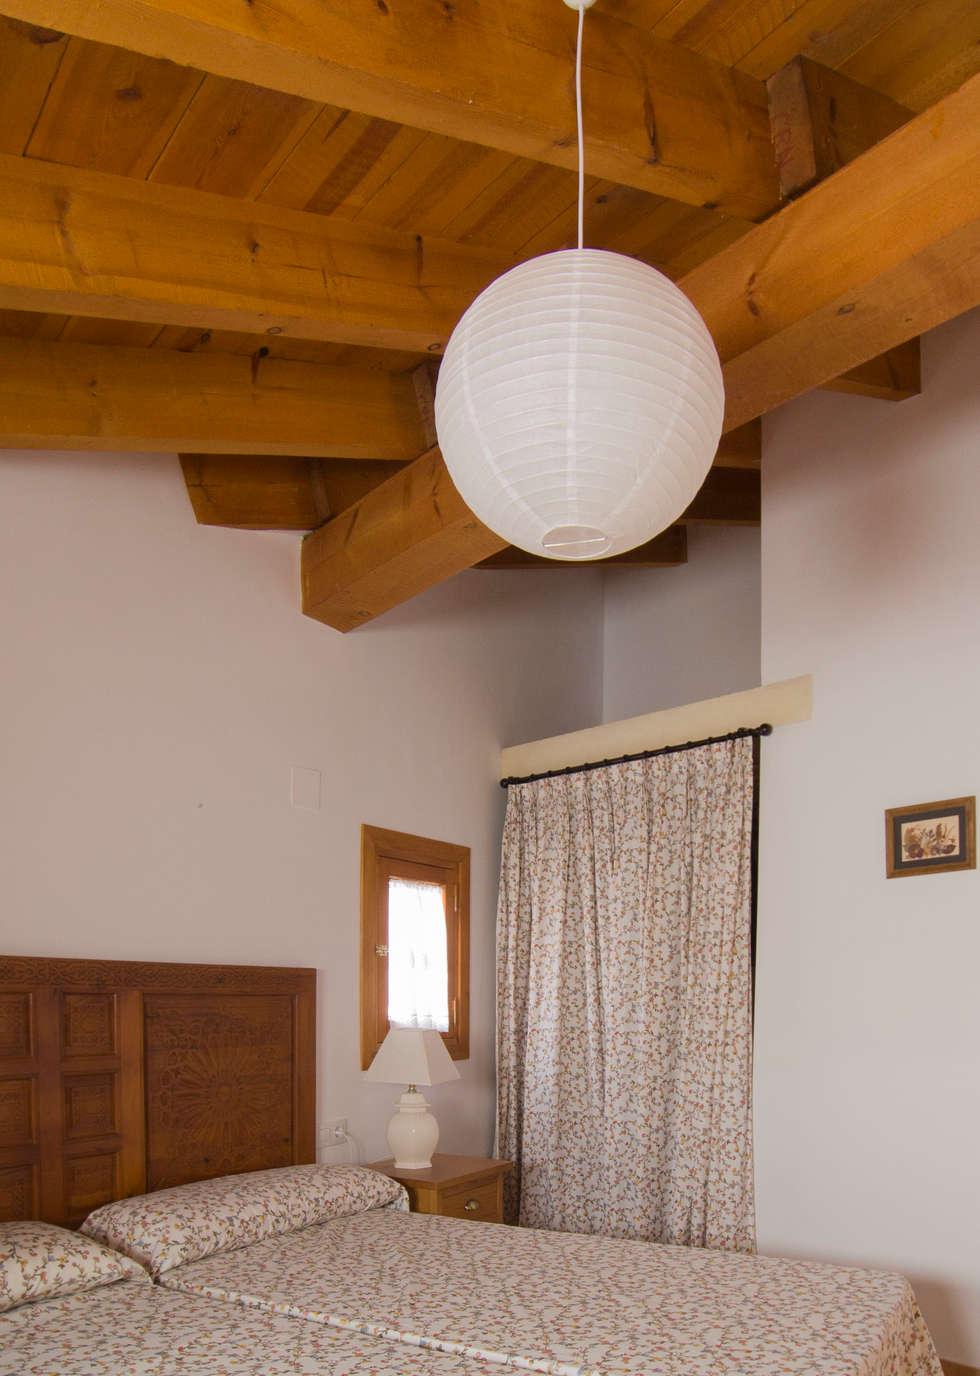 Dormitorio: armario con cortina: Dormitorios de estilo rústico de FGMarquitecto